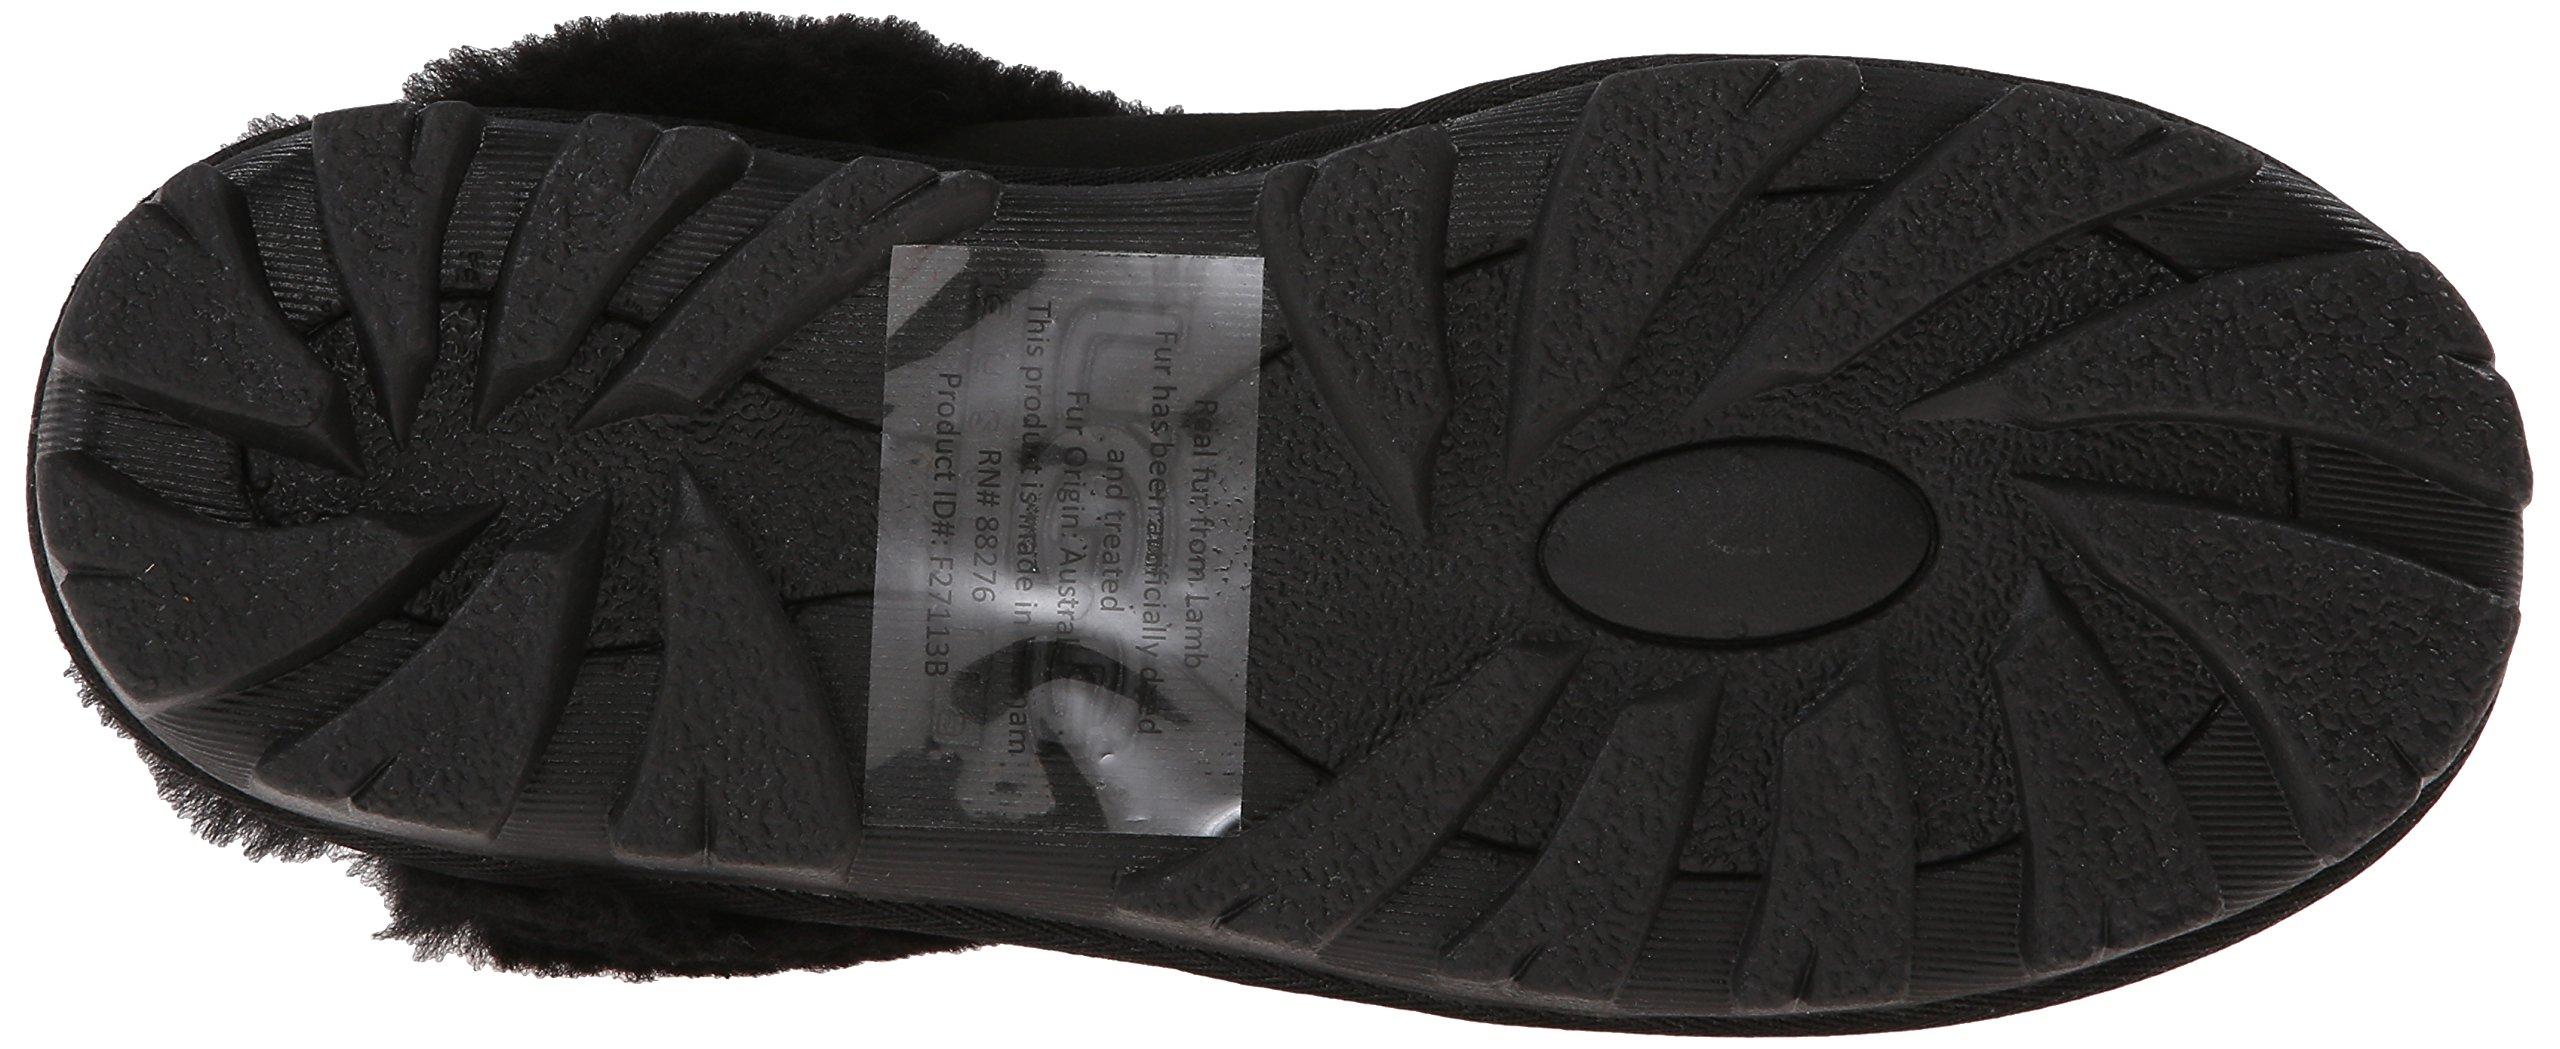 thumbnail 9 - UGG Women's Coquette Slipper - Choose SZ/color